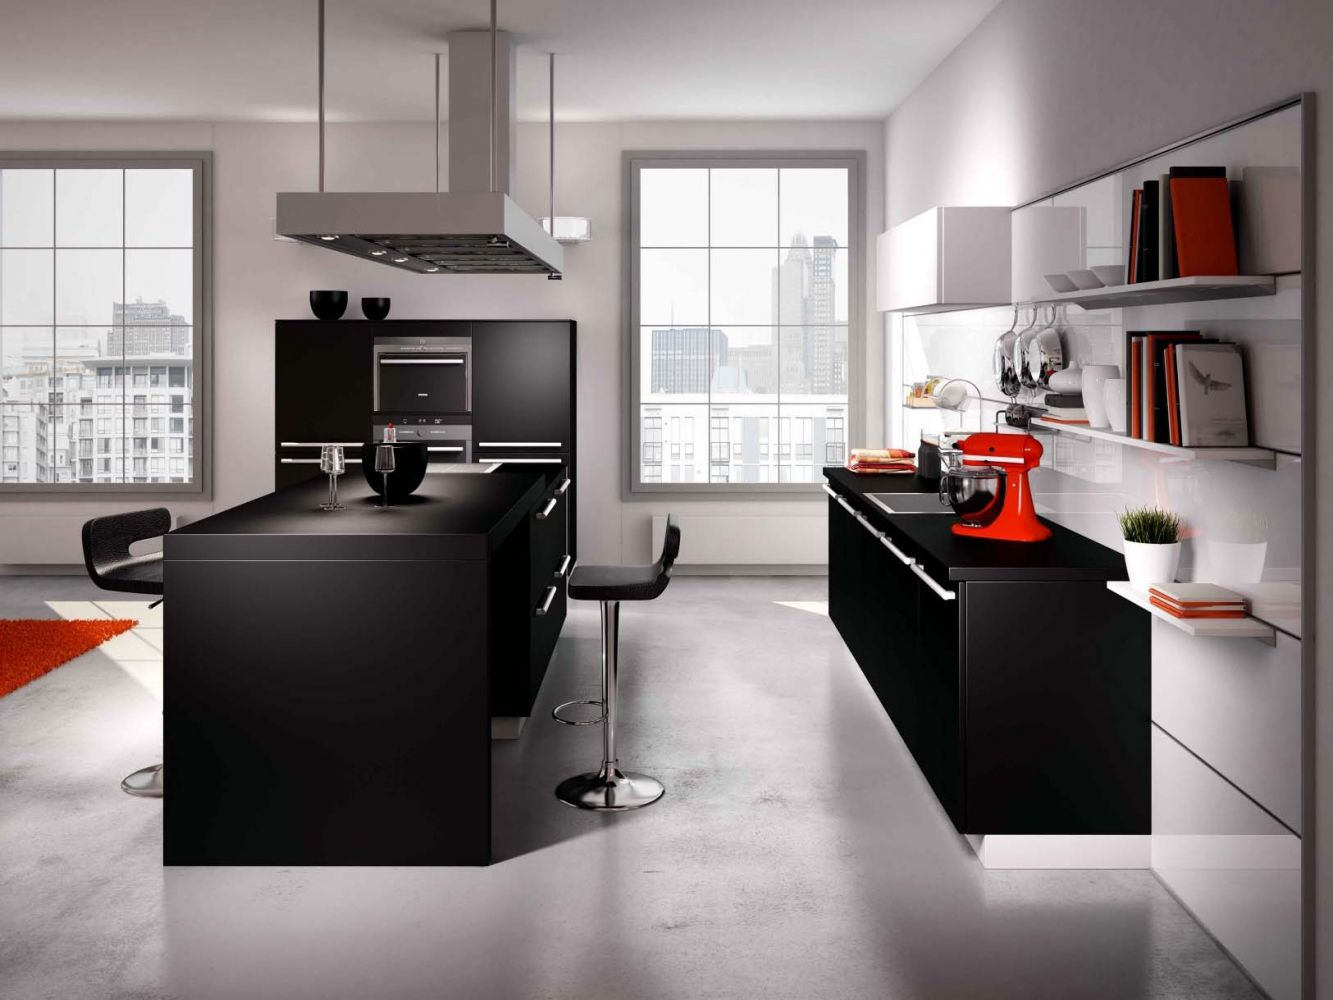 Cuisine style loft schmidtt avec de nombreux rangements meuble et d coration marseille - Mobilier design contemporain cuisine ...